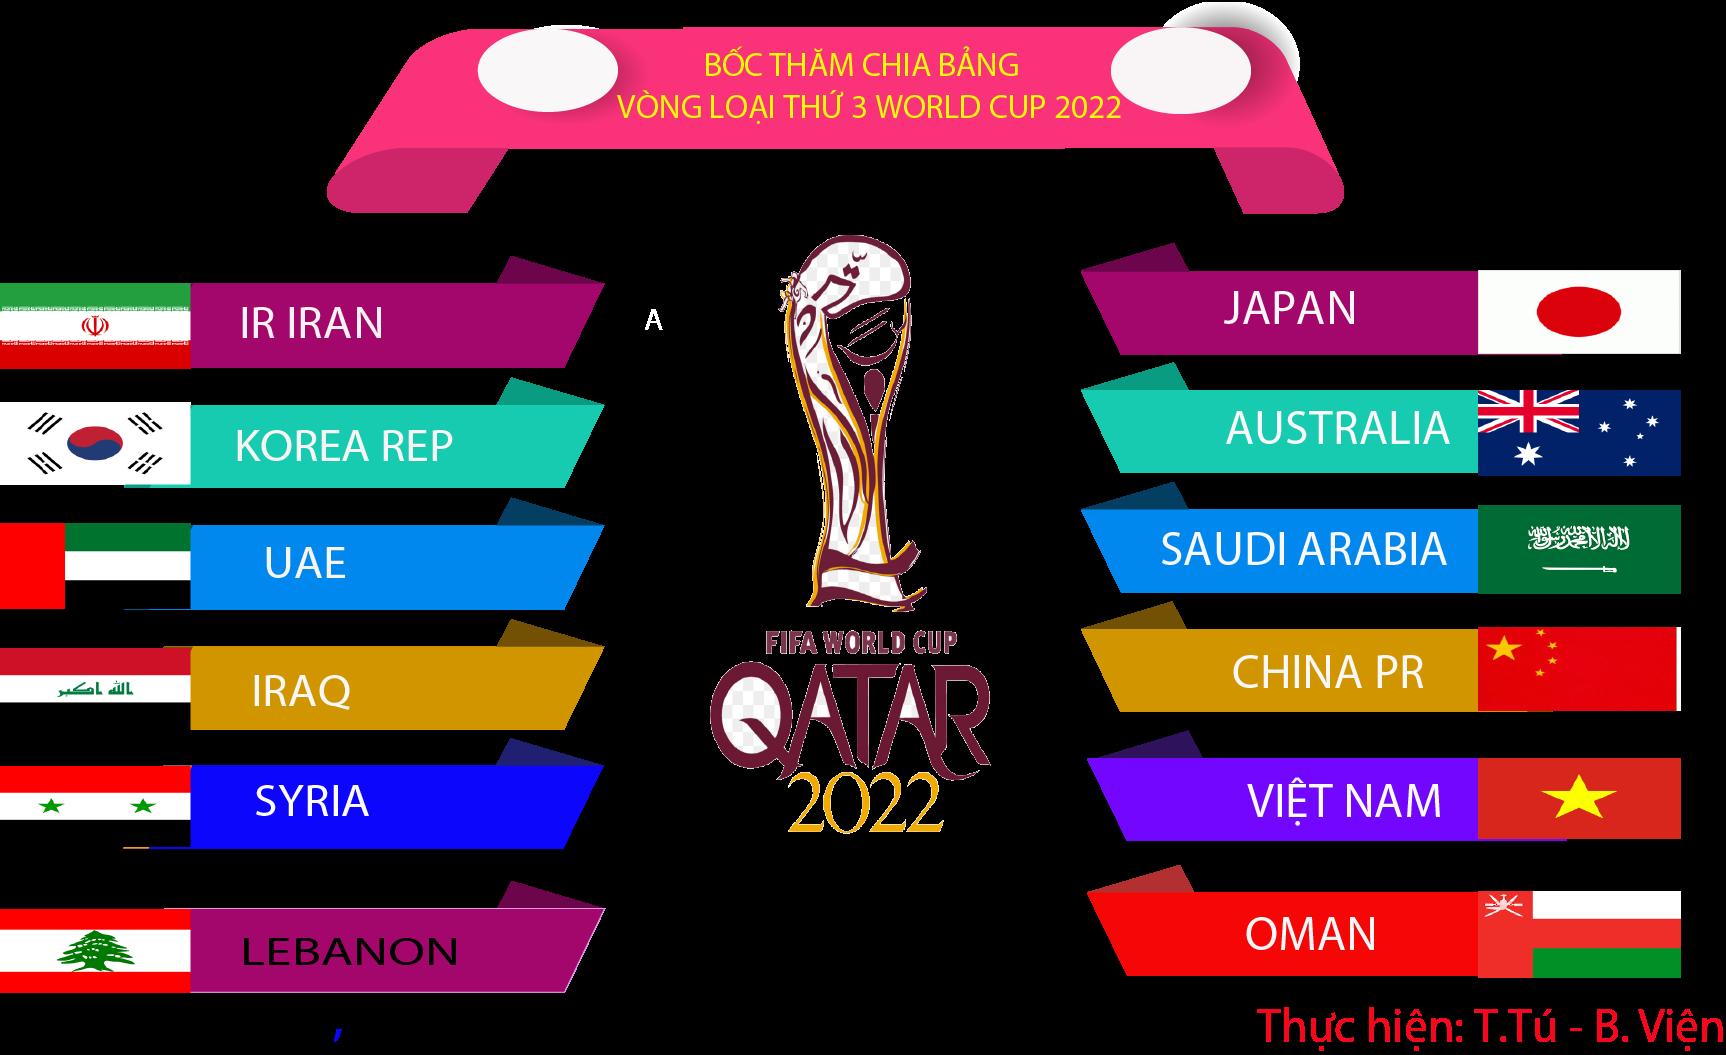 Infographic: Bốc thăm chia bảng vòng loại thứ 3 khu vực châu Á World cup 2022